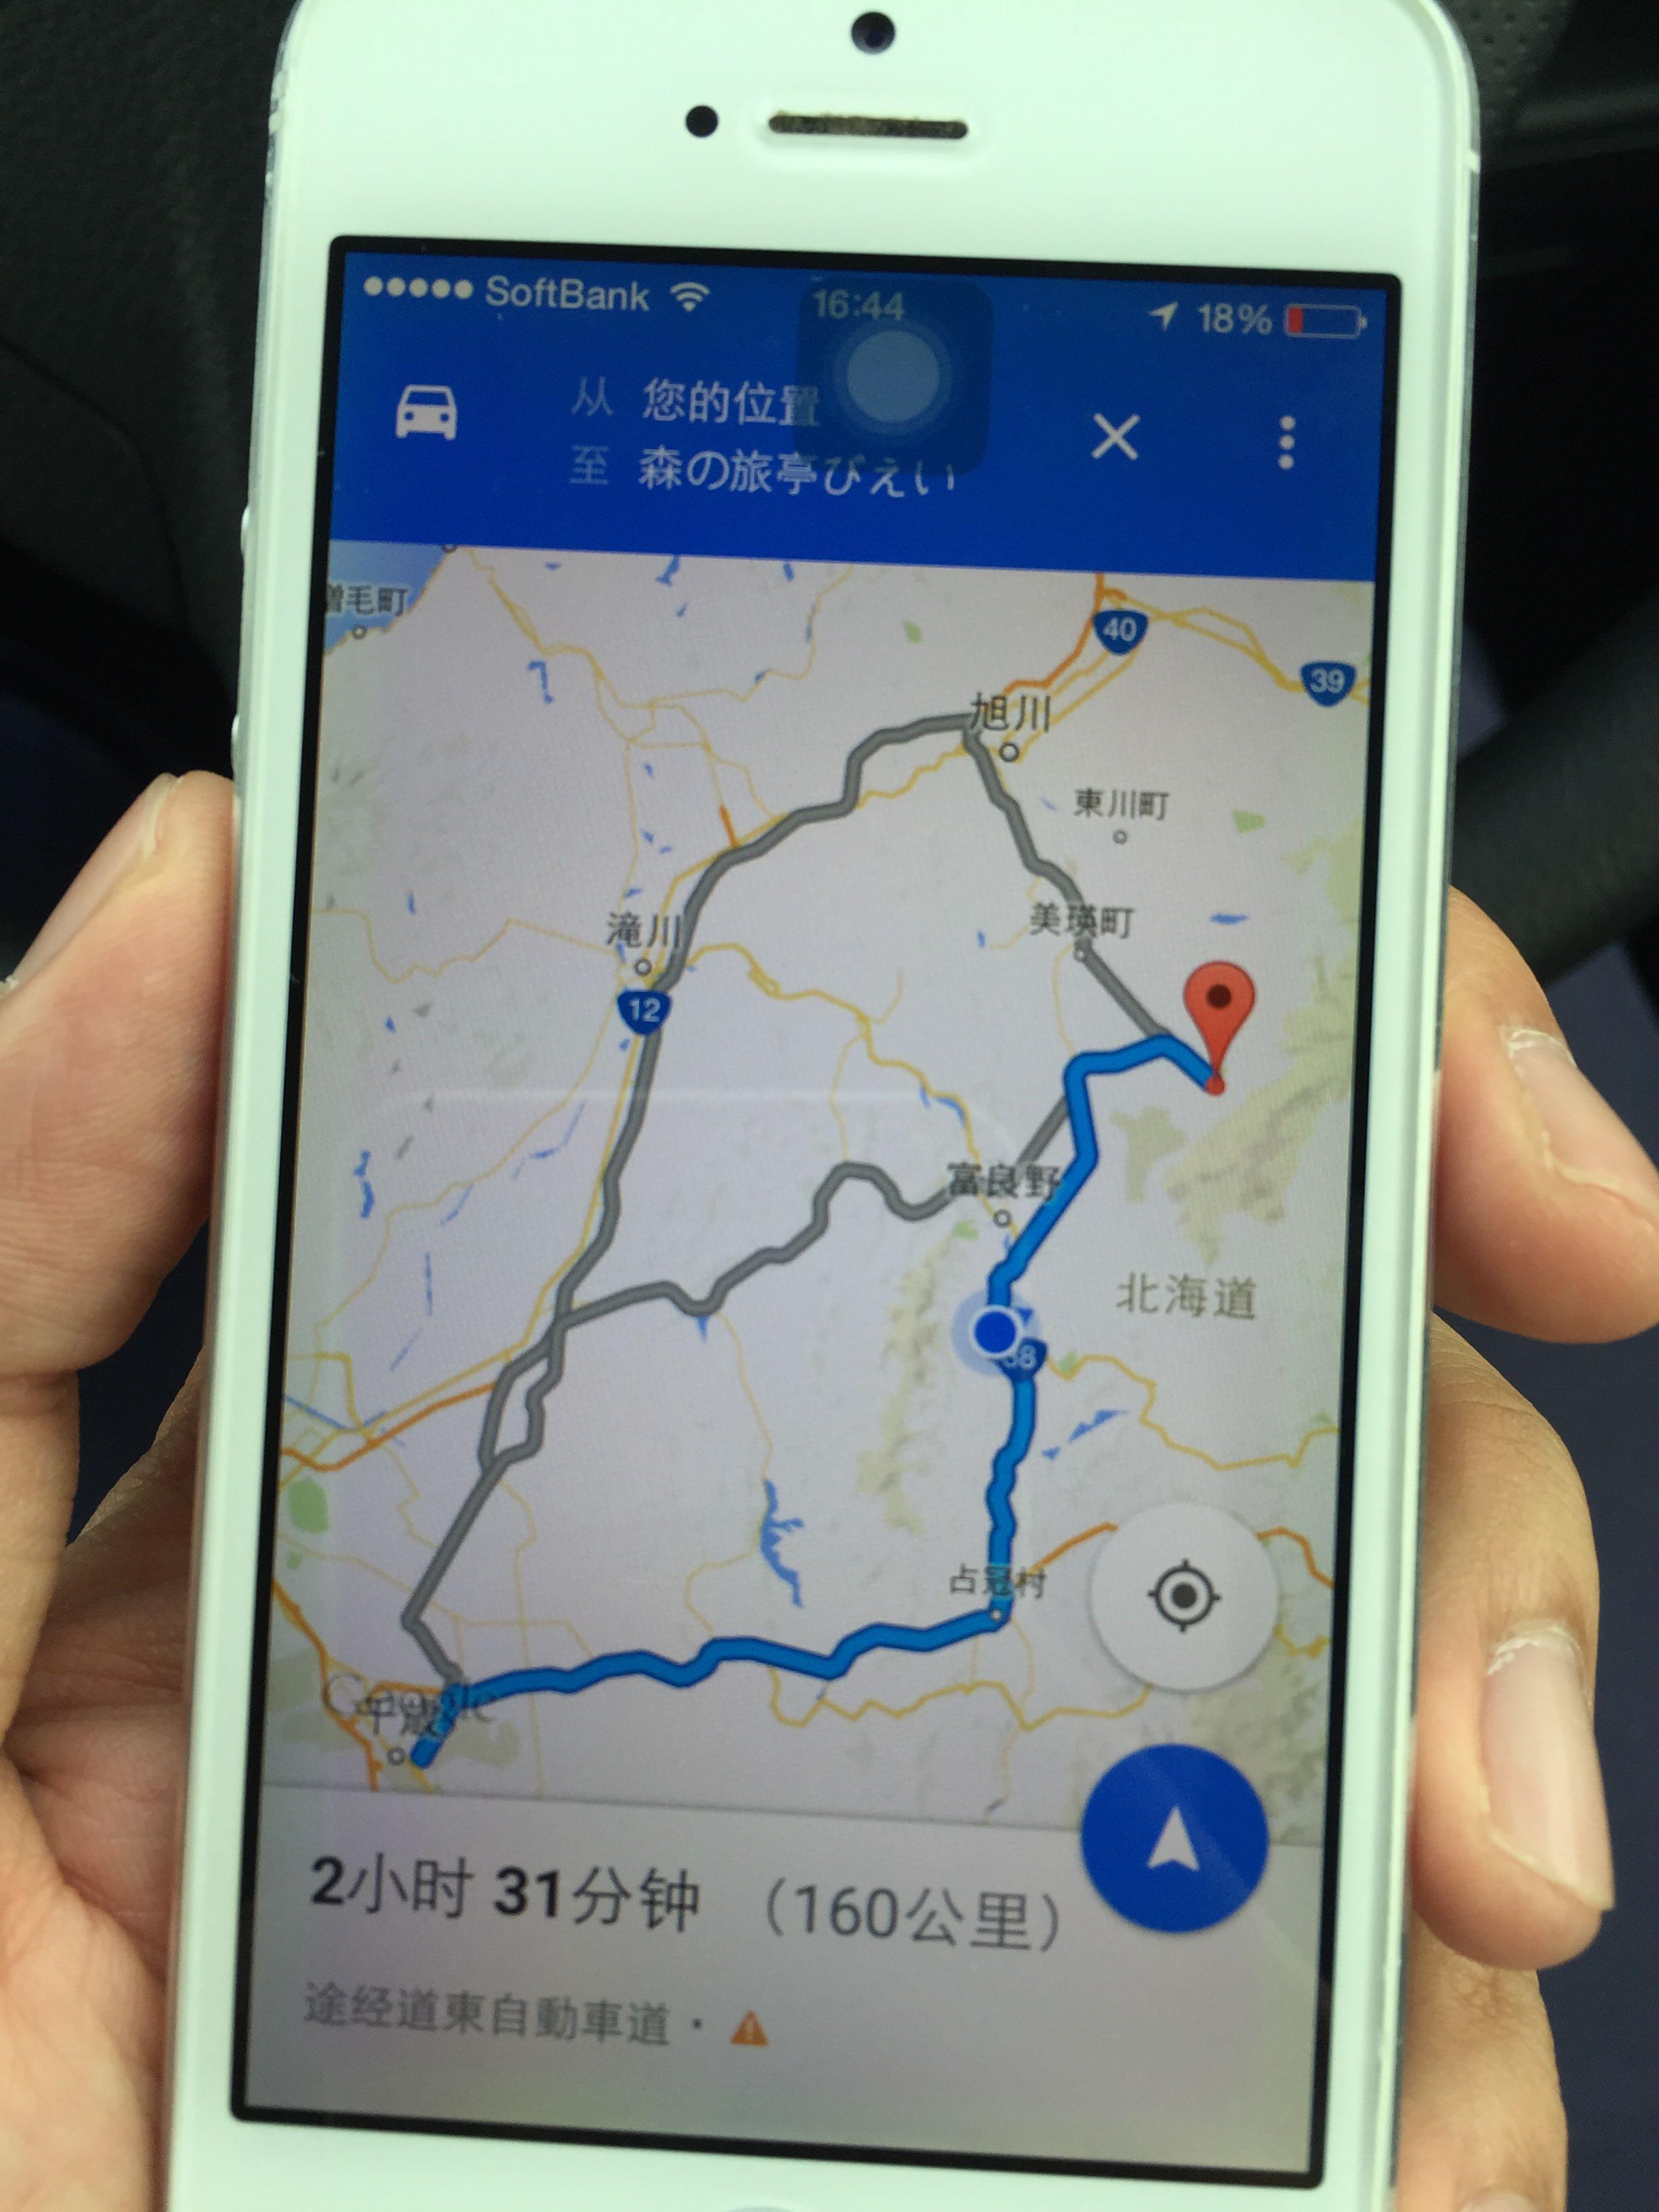 想去日本北海道自驾,大陆的驾照能租到车吗?有